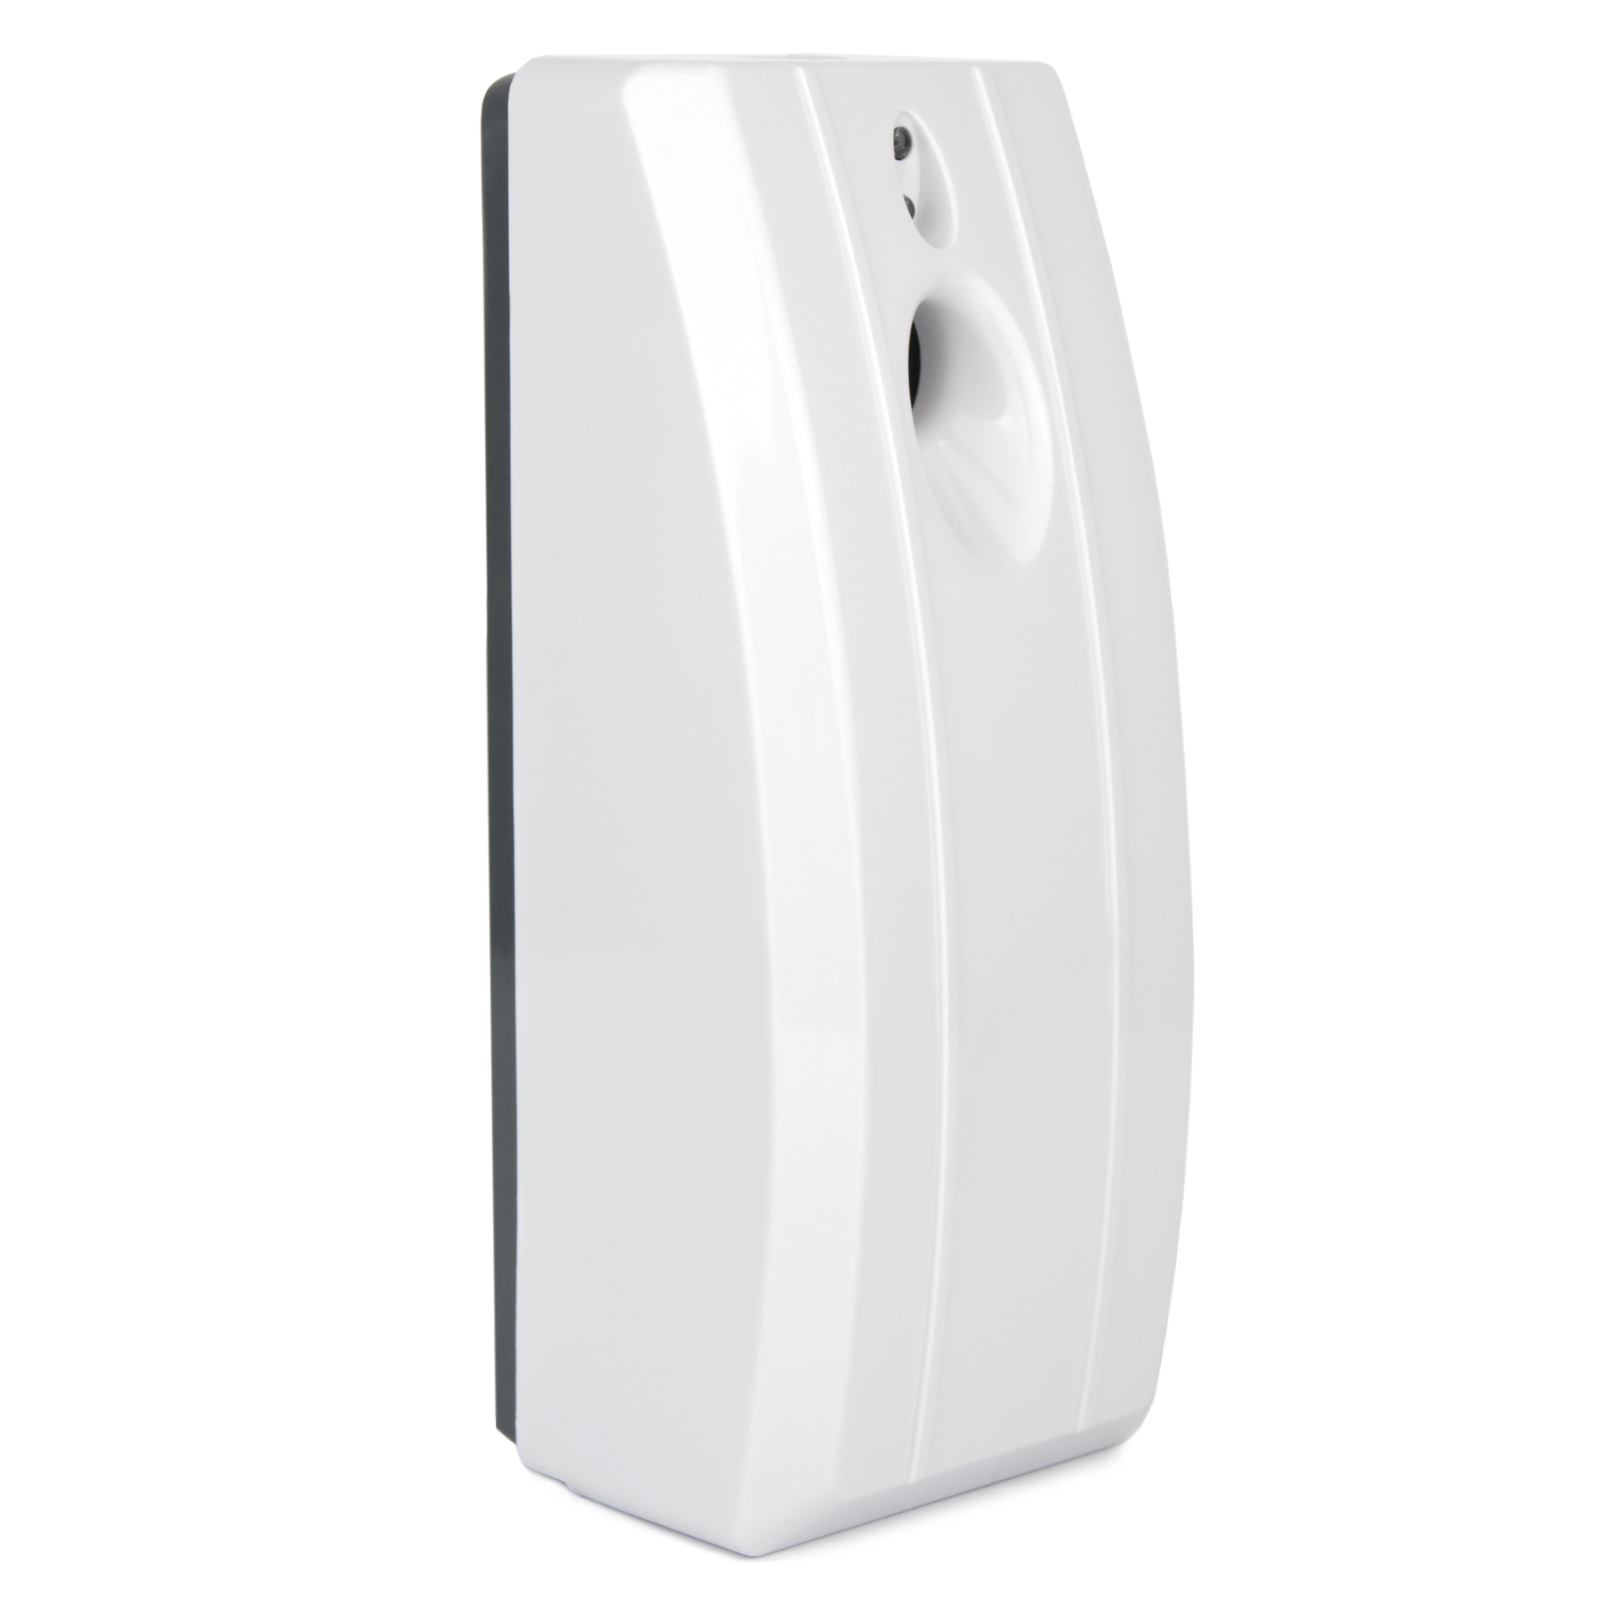 White Dispenser Toilet Roll Tissue Air Freshener Paper